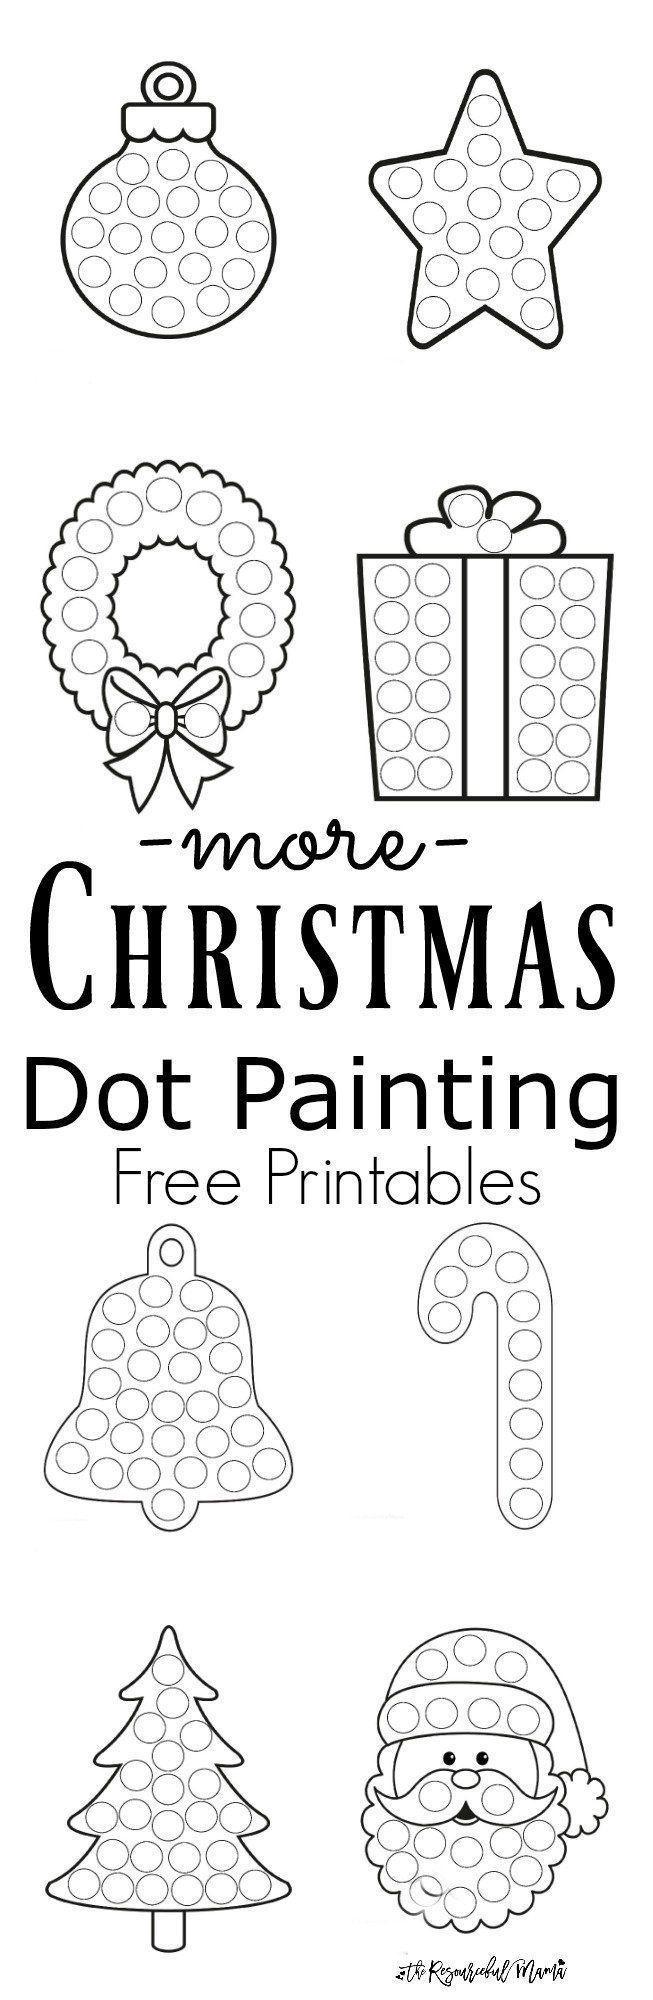 More Christmas Dot Painting {Free Printables} | Christmas - Free Printable Christmas Activities